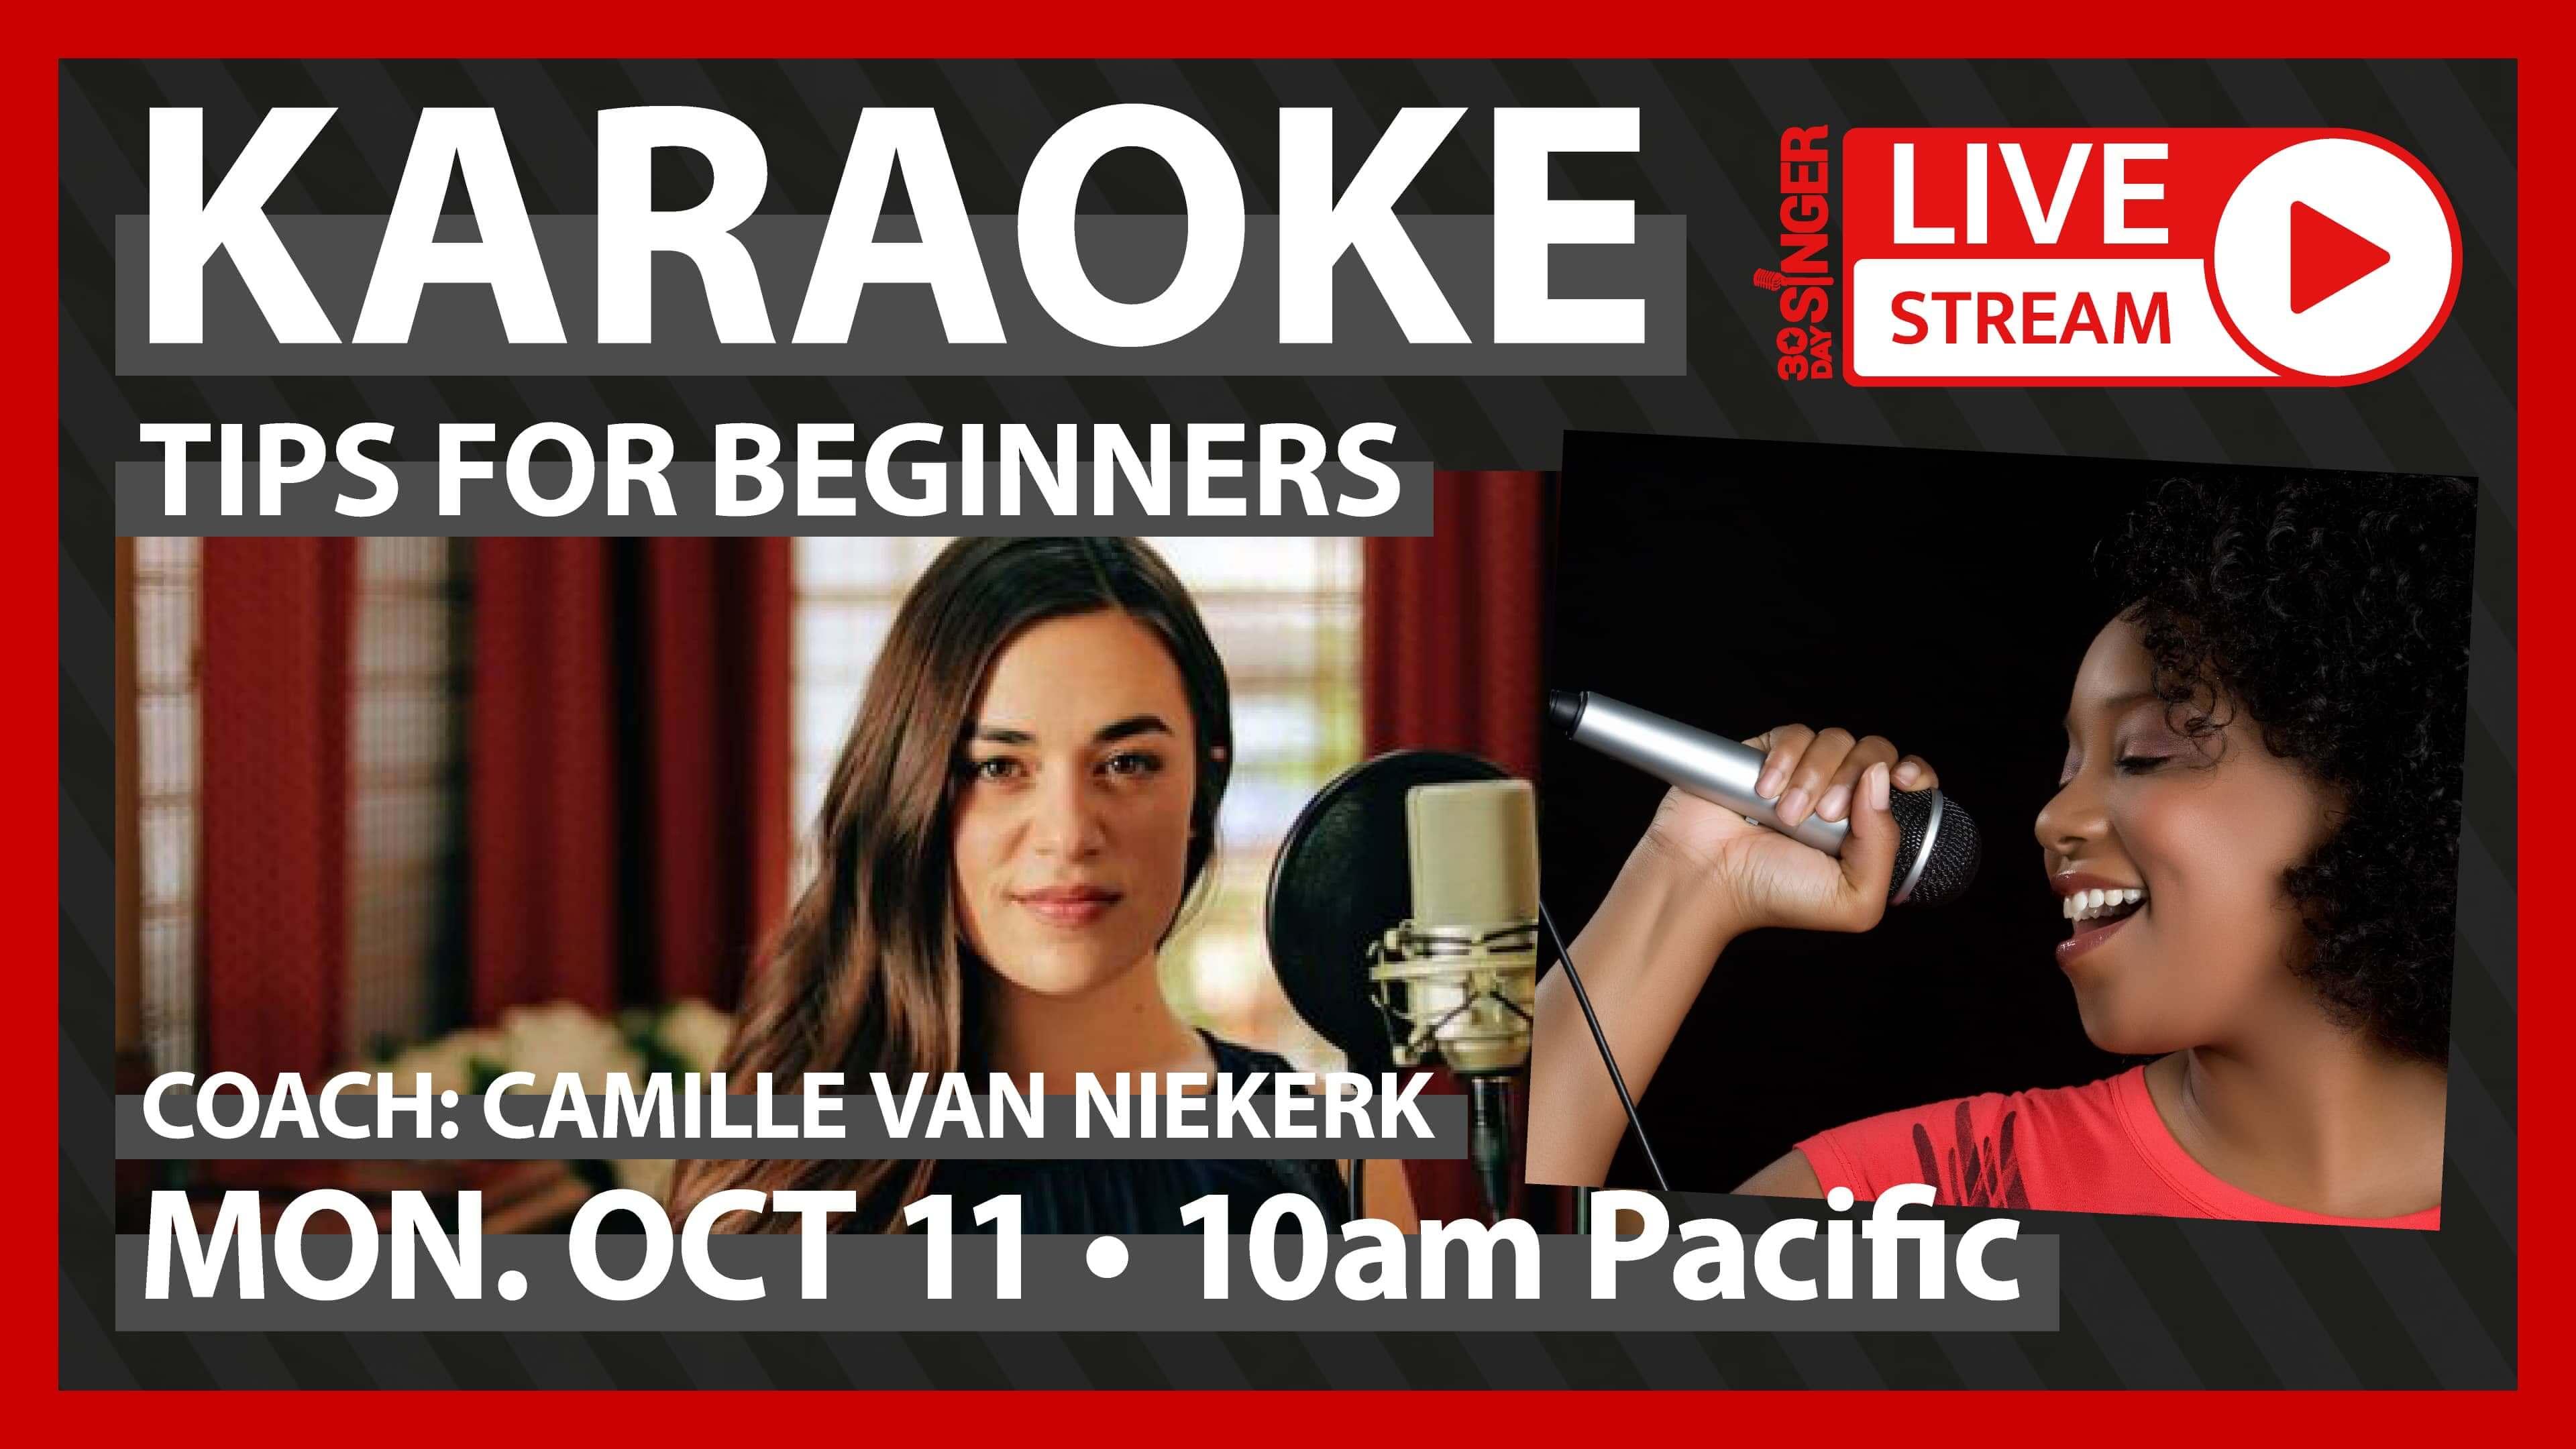 Karaoke Tips For Beginners